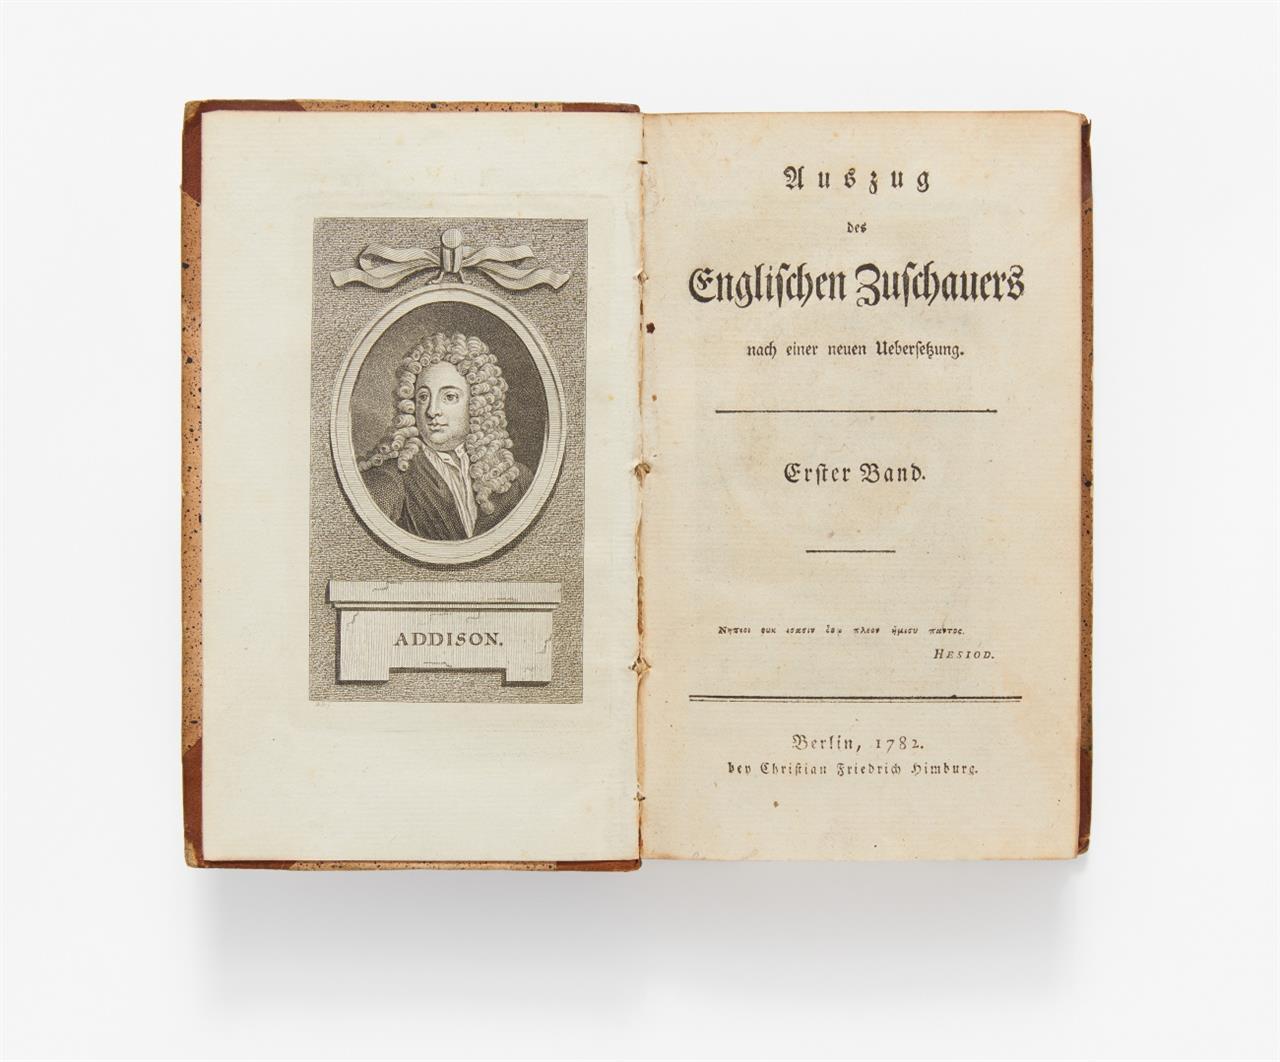 Addison, J. und R. Steele, Auszug des Englischen Zuschauers. 8 Bände. 1782-83.